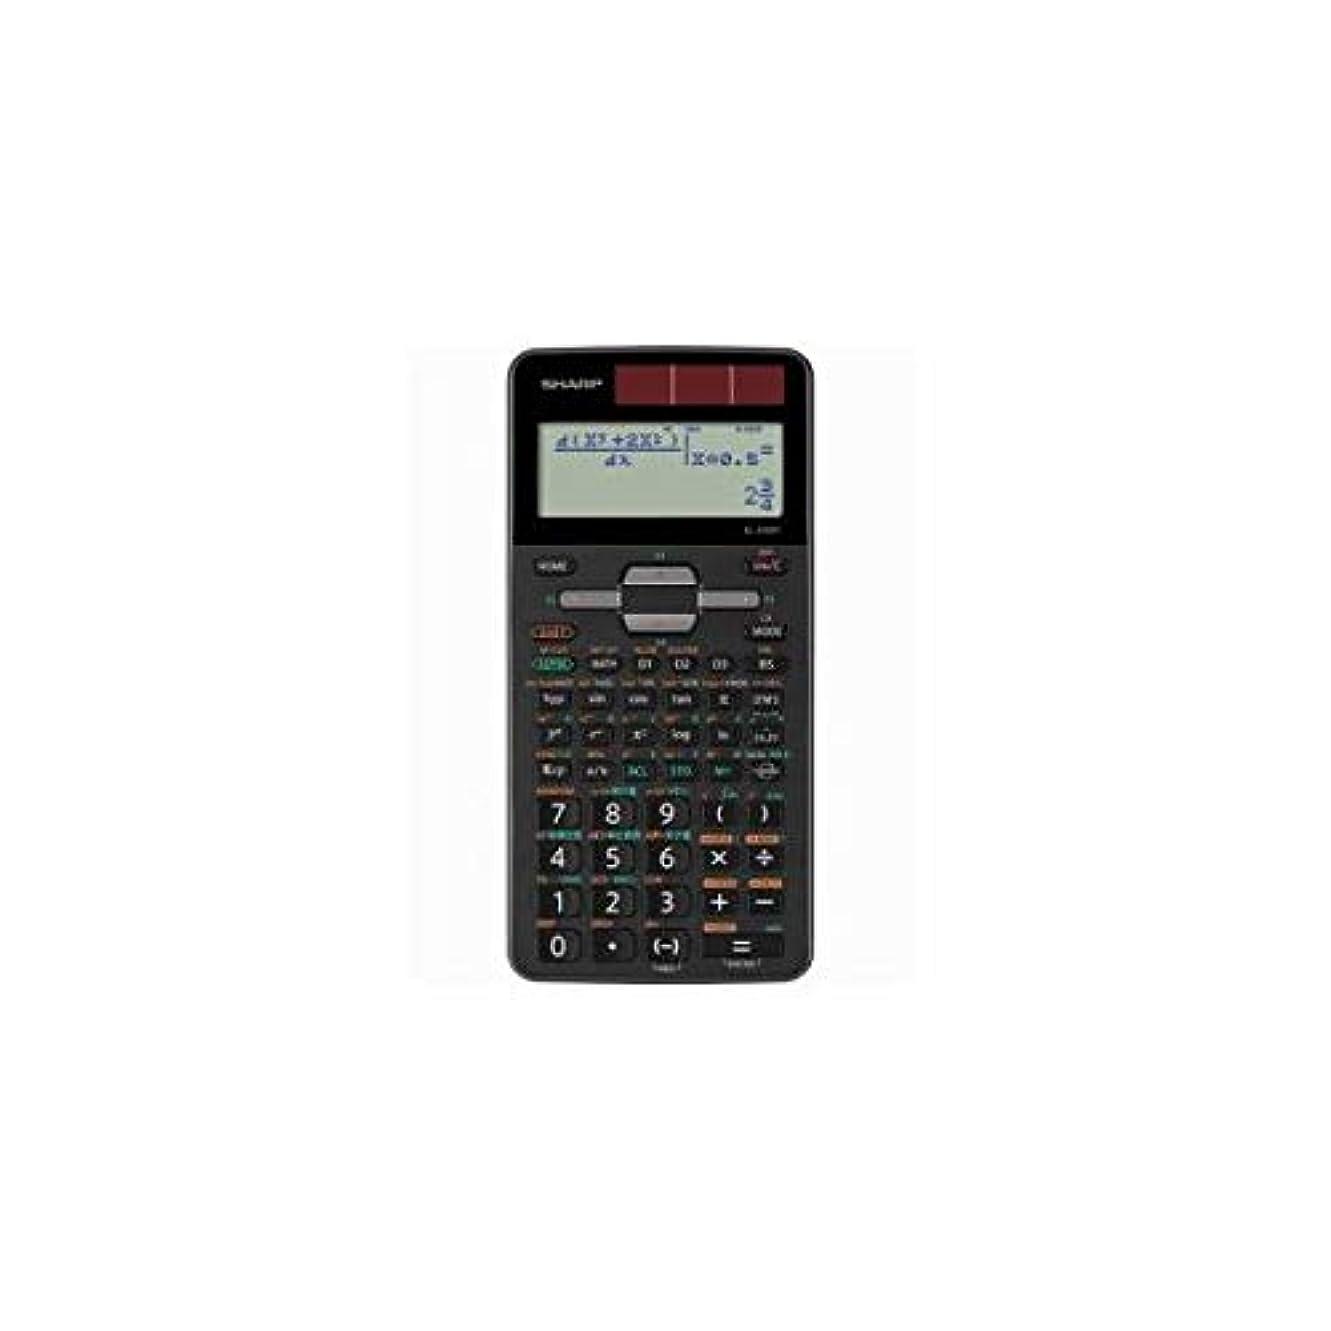 ヤング哺乳類責SHARP EL-5160TX プログラマブル関数電卓 710関数エキスパートモデル 生活用品 インテリア 雑貨 文具 オフィス用品 電卓 14067381 [並行輸入品]